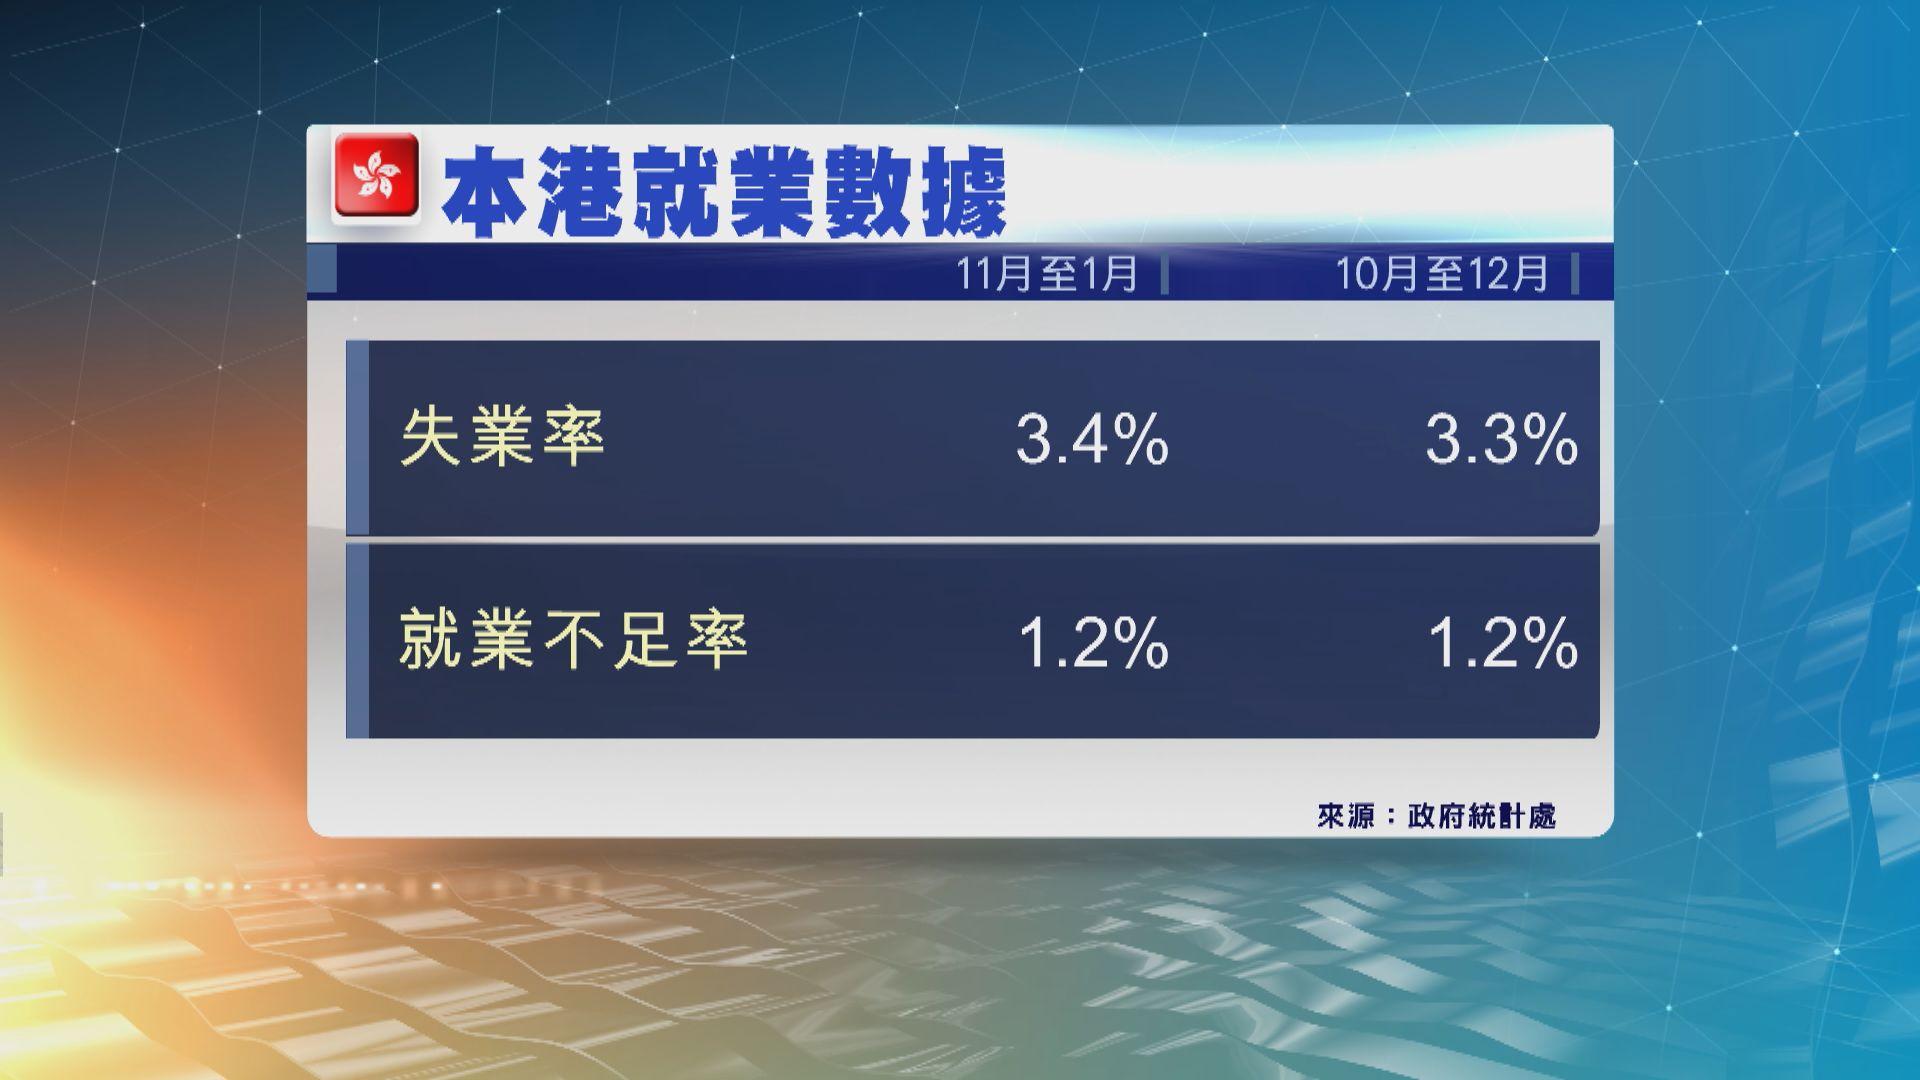 本港最新失業率為3.4% 逾三年高位